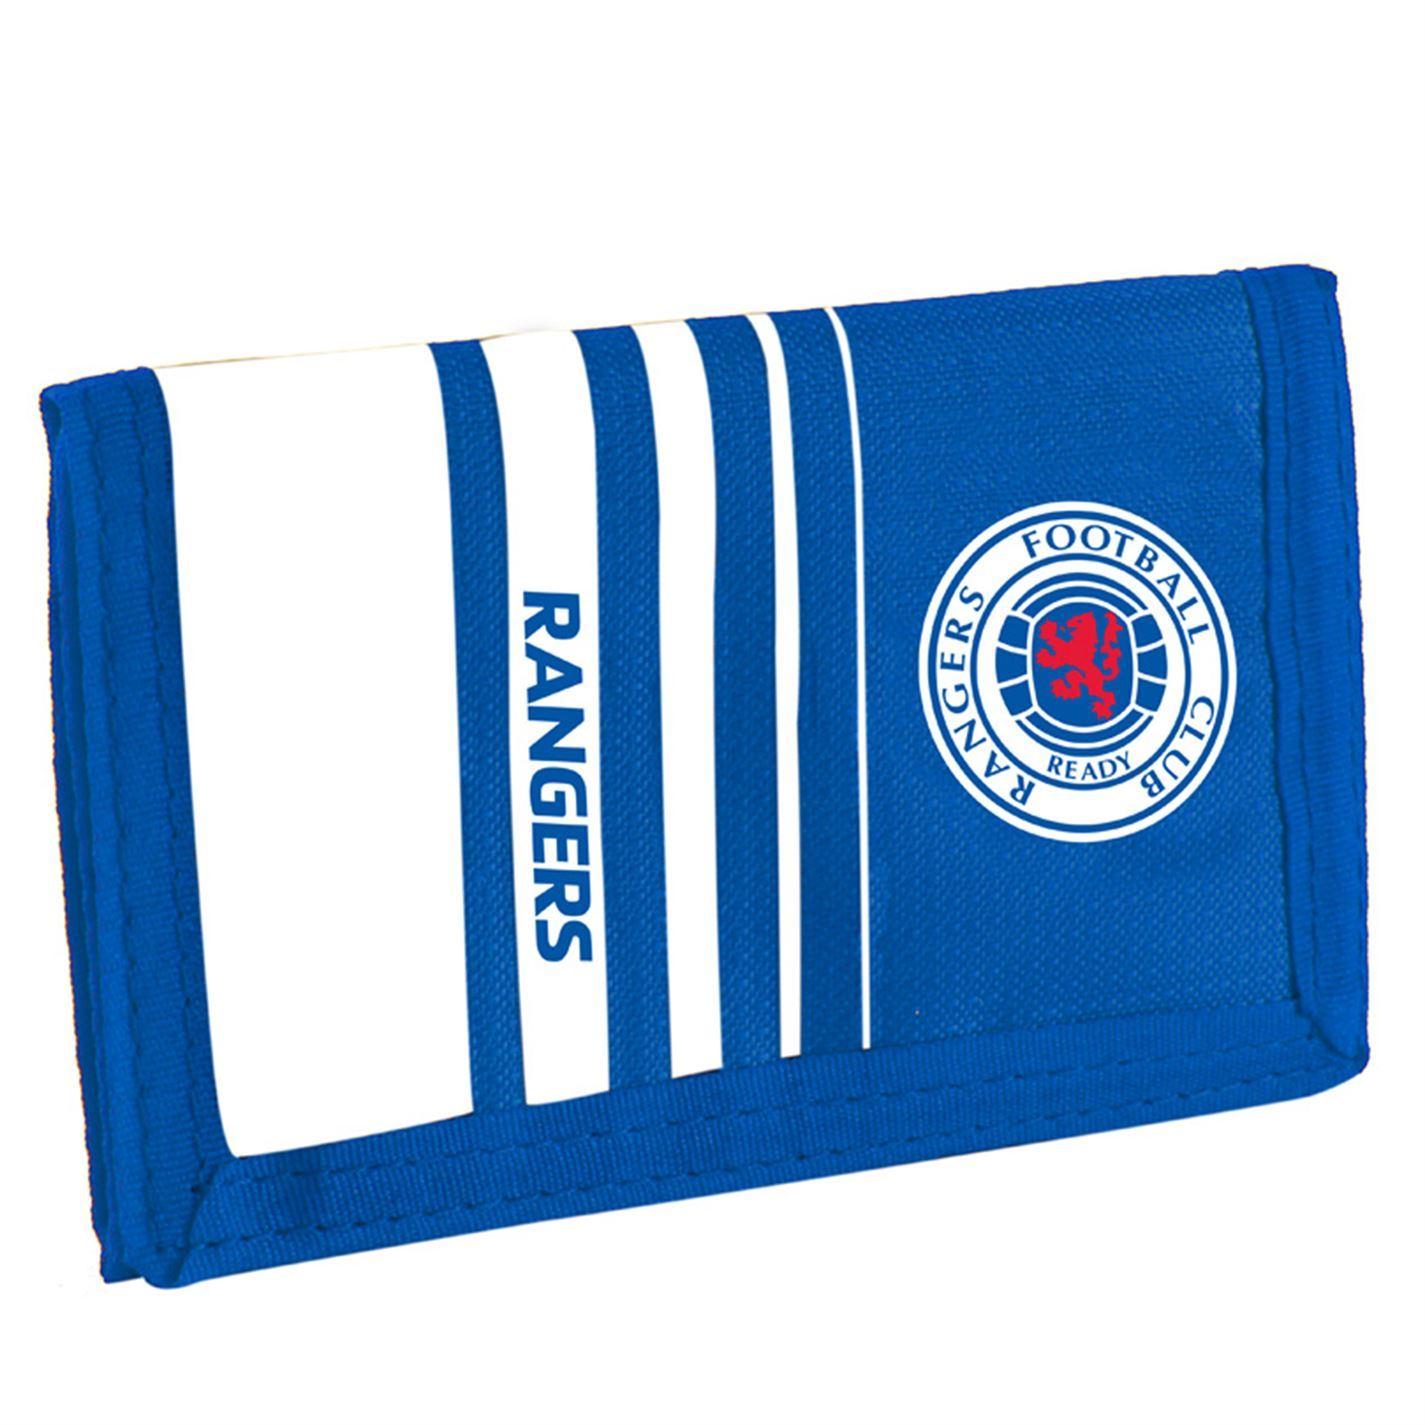 Glasgow Celtic: Sports Memorabilia | eBay